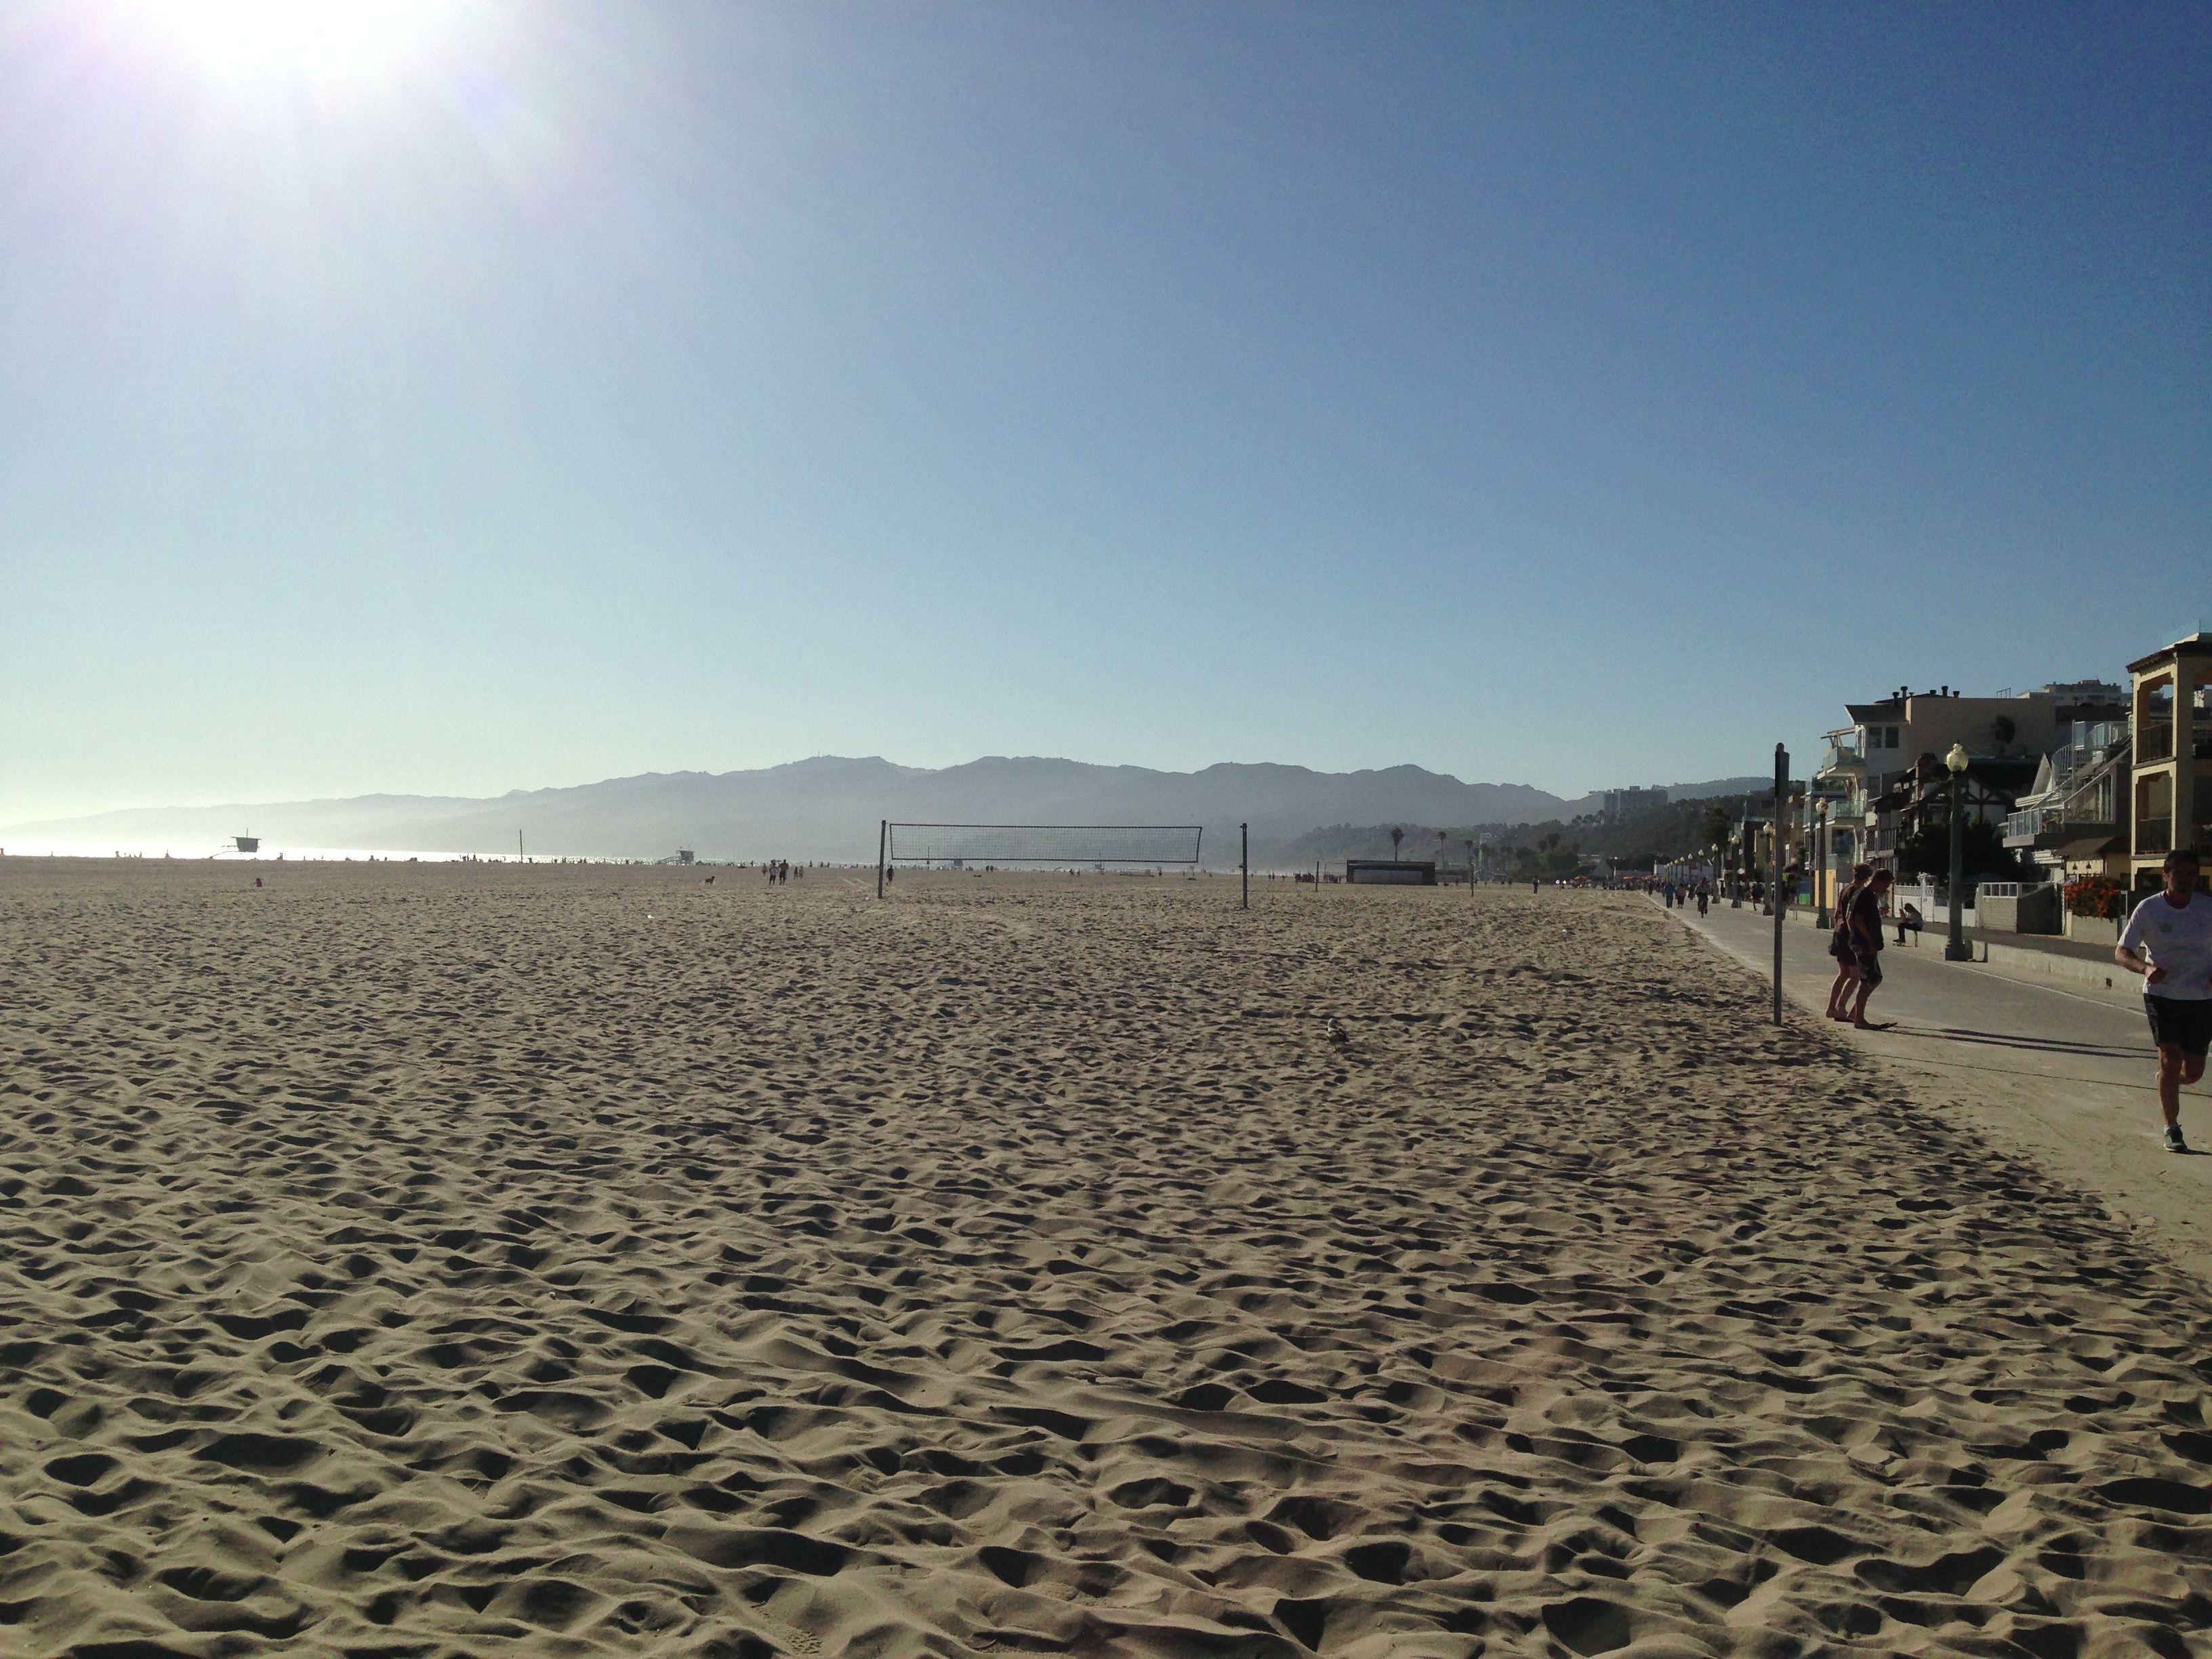 At Santa Monica, CA. July 2013.